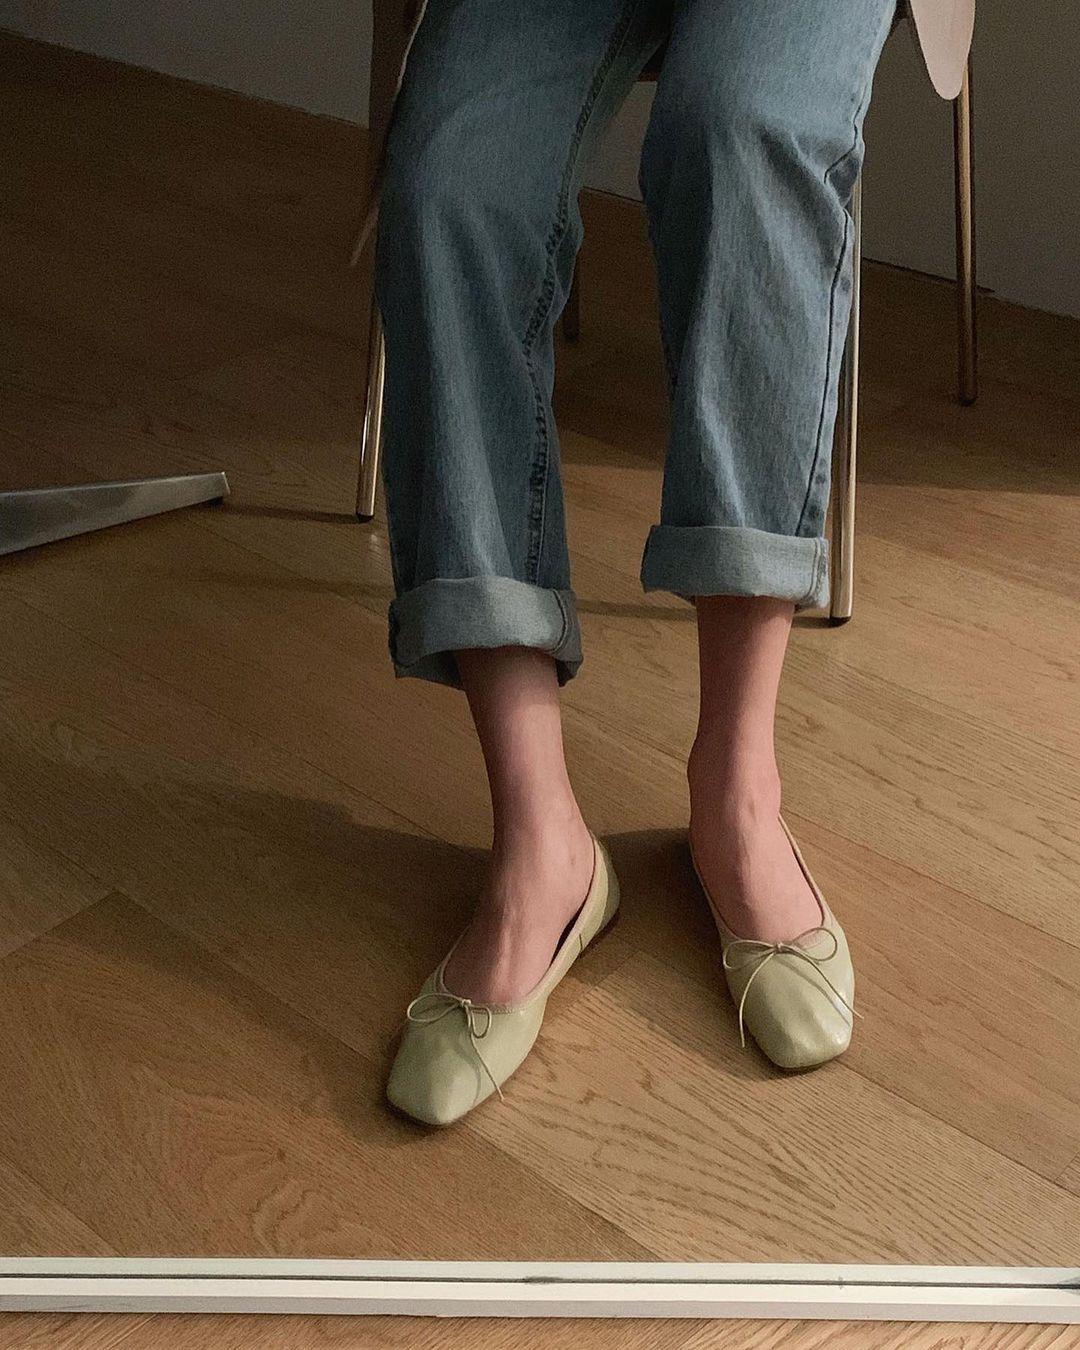 Kiểu giày búp bê hot nhất mùa Xuân: Diện với quần jeans hay váy đều xịn đẹp Ảnh 8